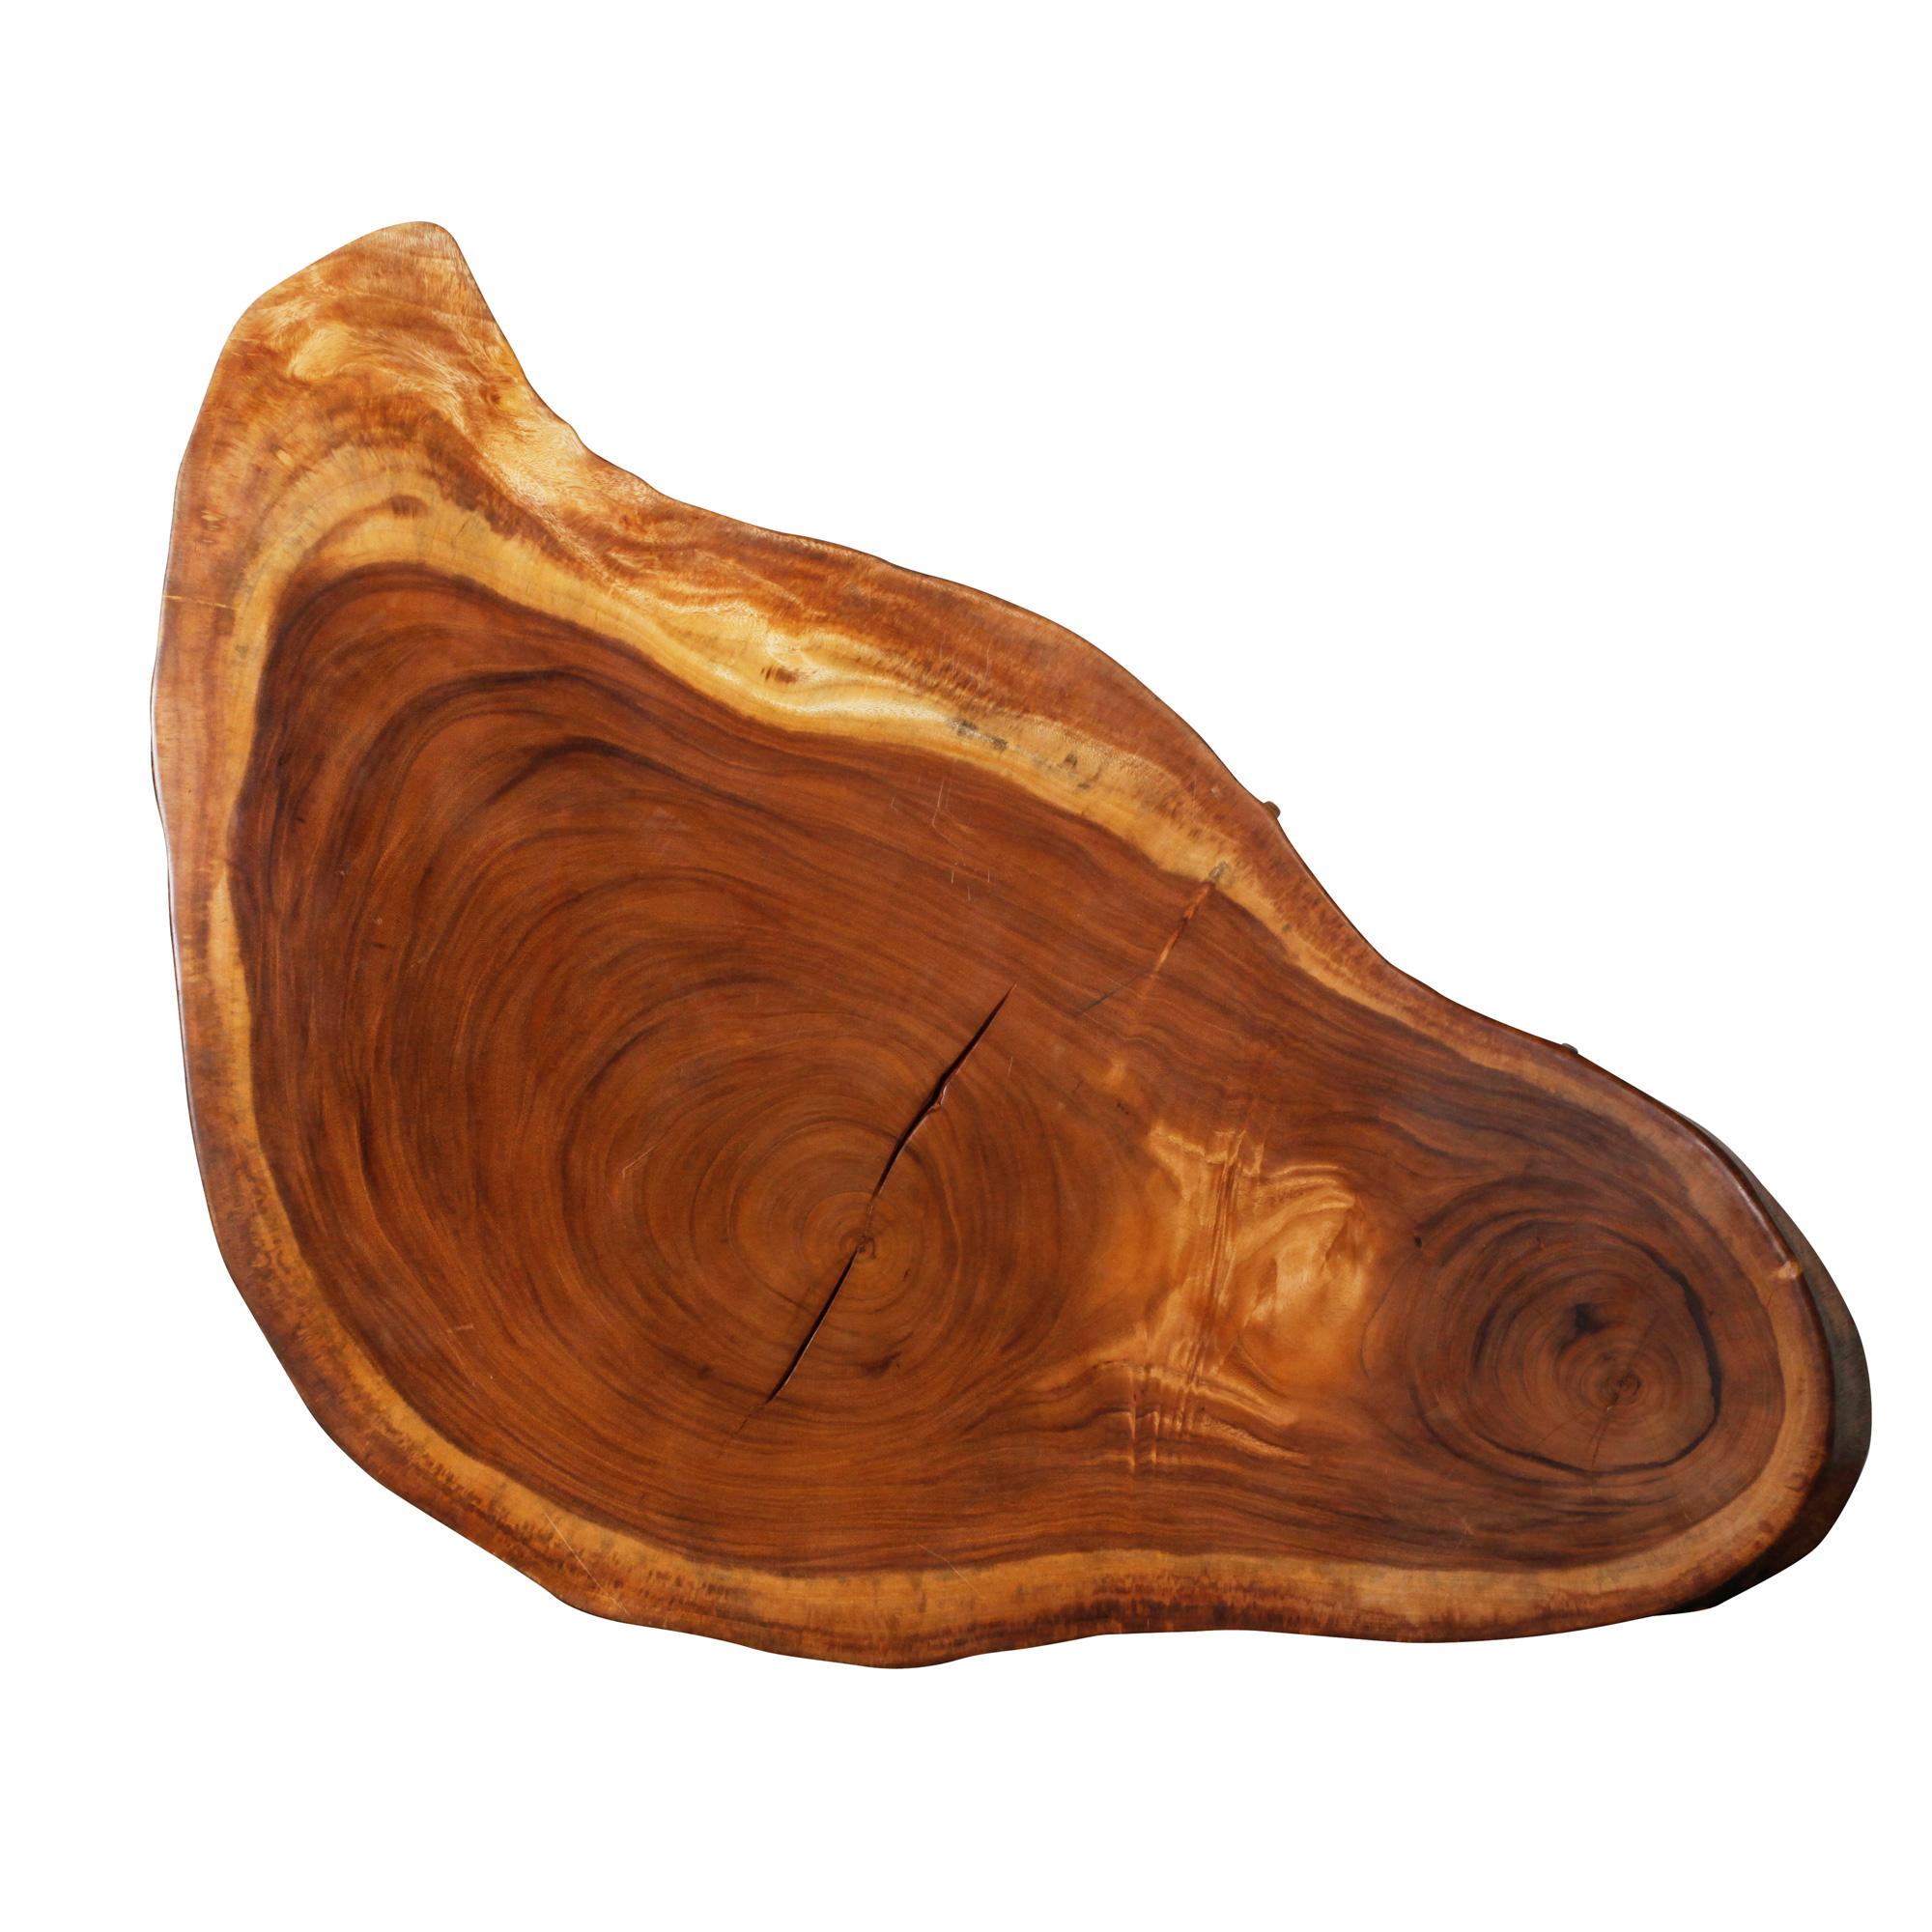 Saman Natural Wood Art - R27